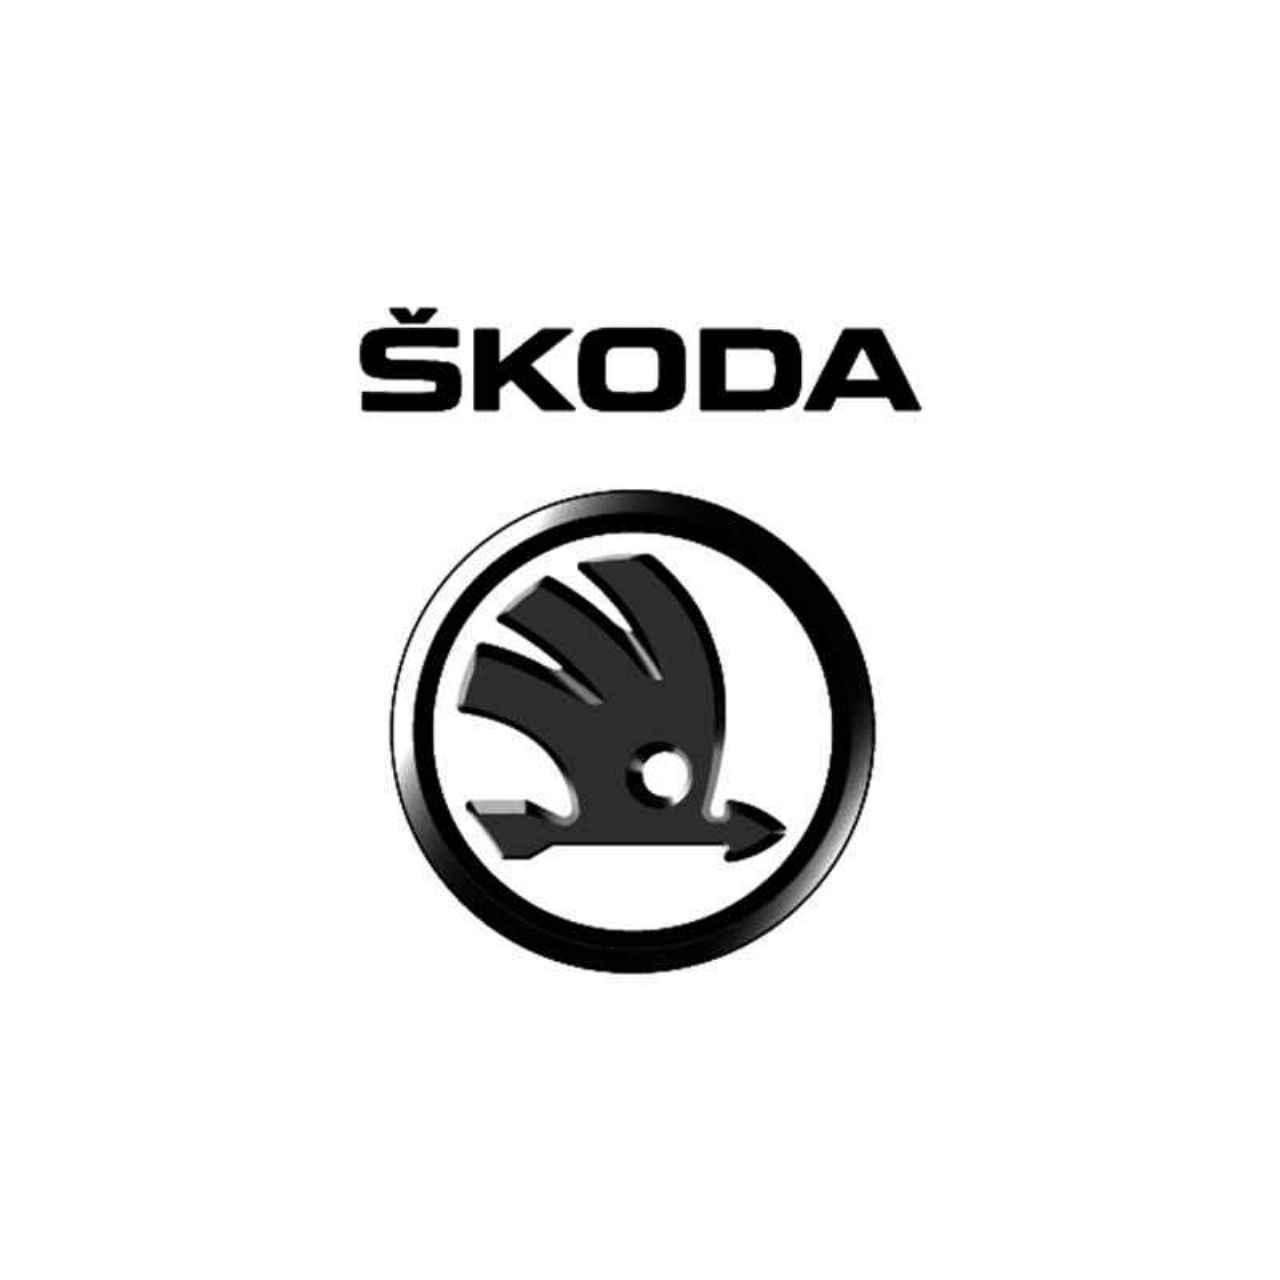 De automerken en hun emblemen